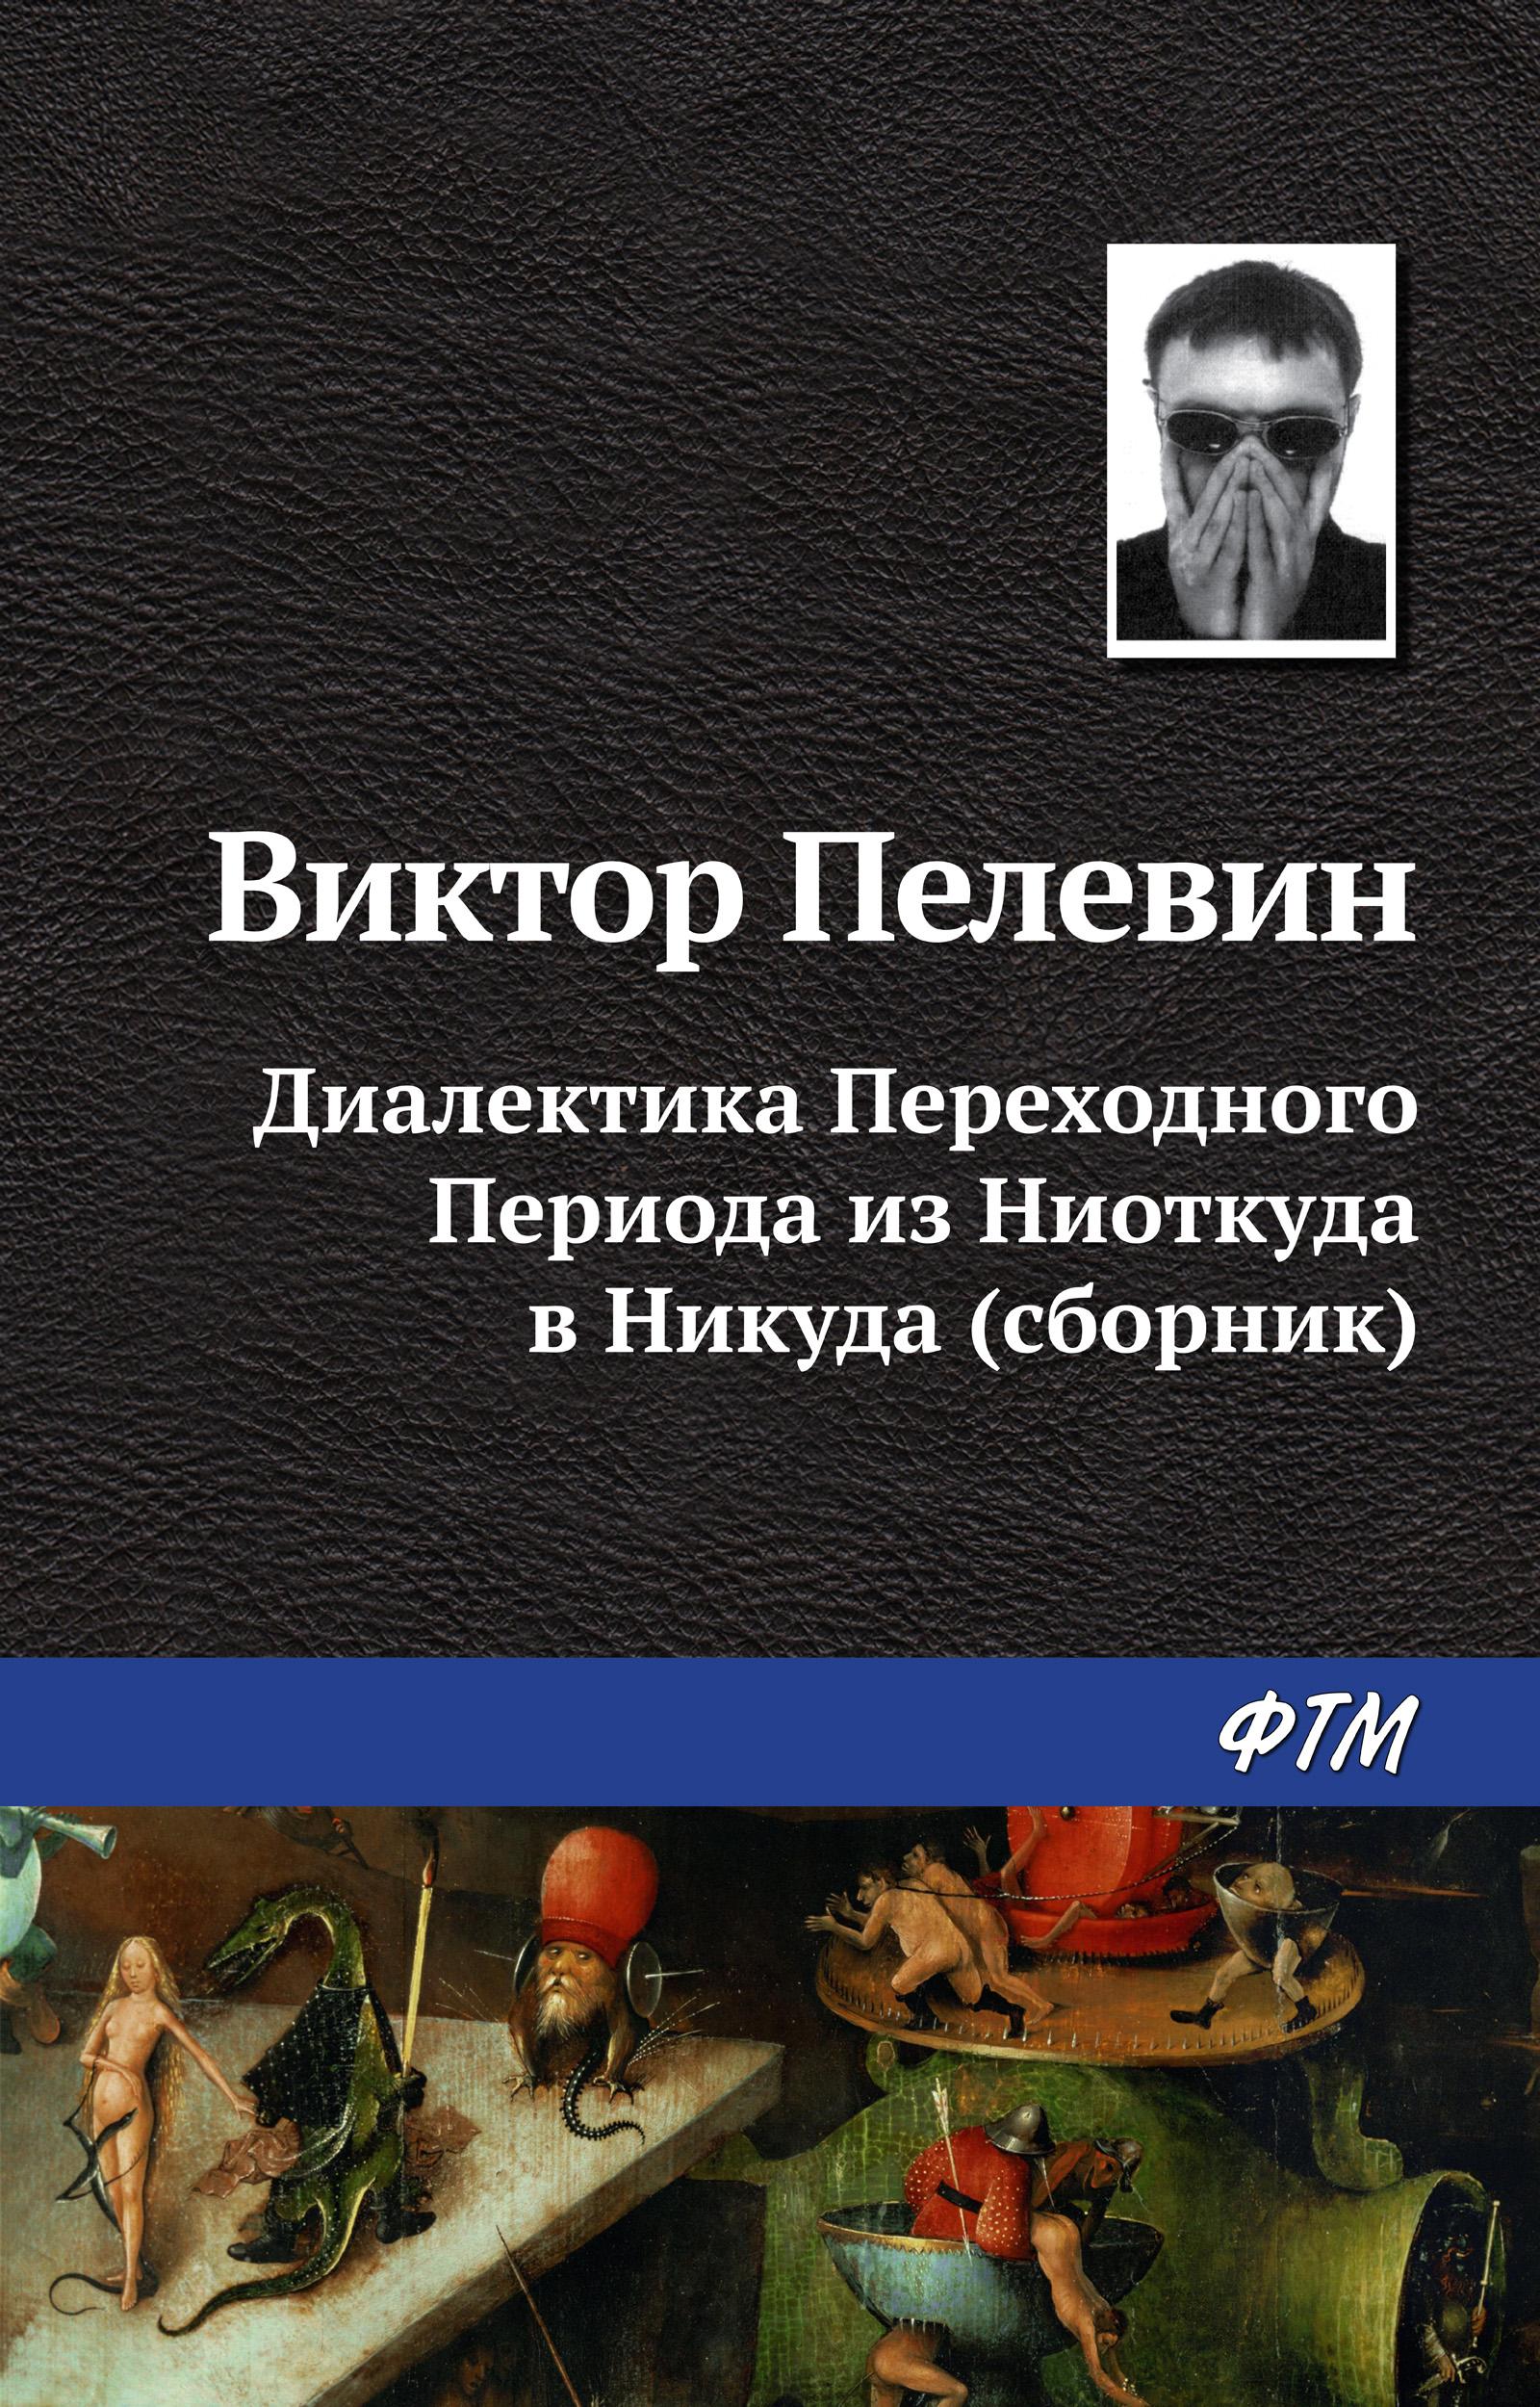 Виктор Пелевин Диалектика Переходного Периода из Ниоткуда в Никуда (сборник)